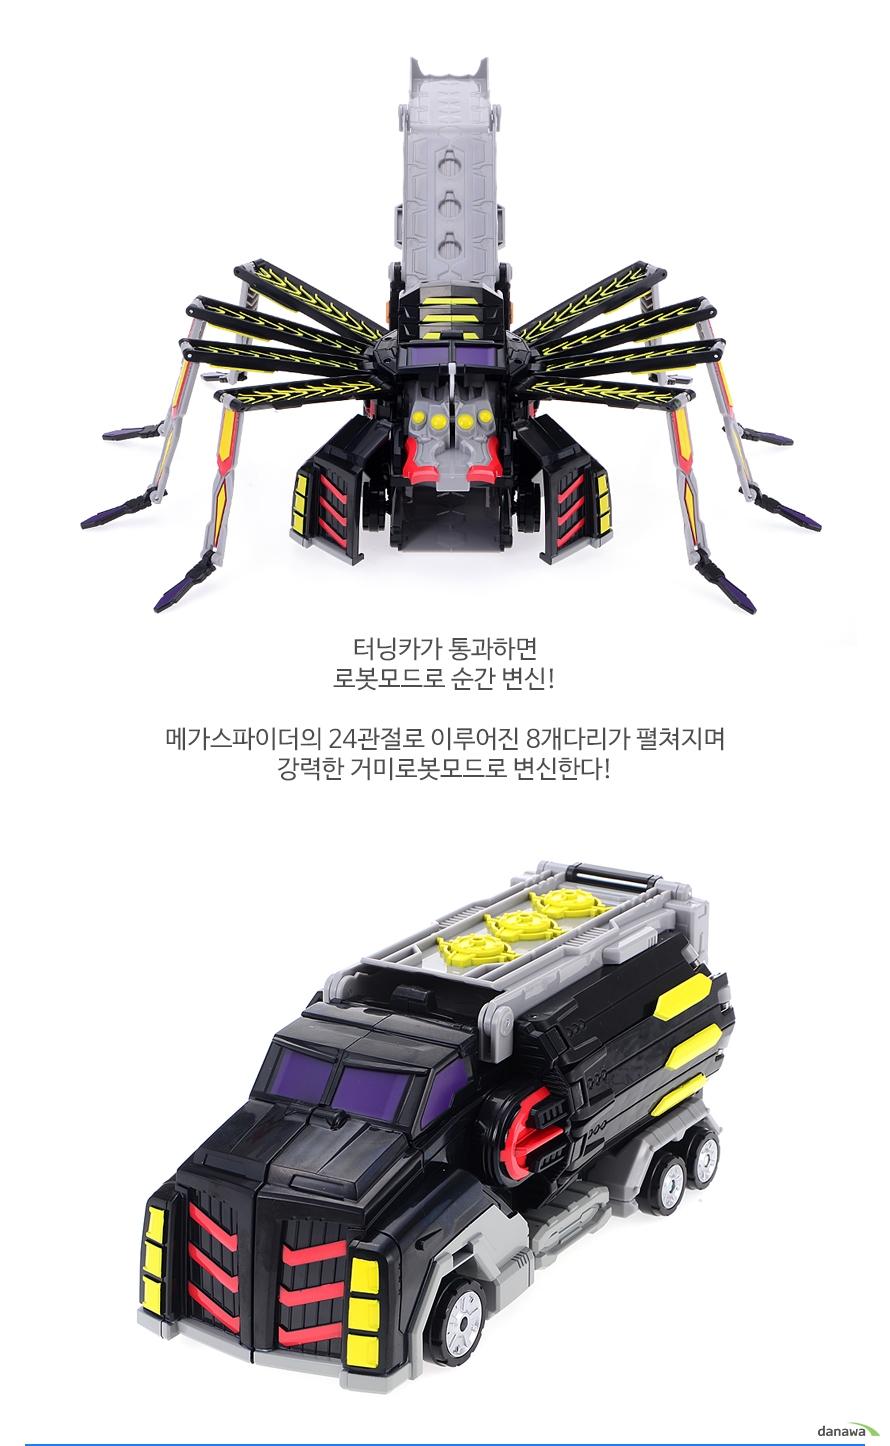 손오공 터닝메카드W 메가스파이더 특징